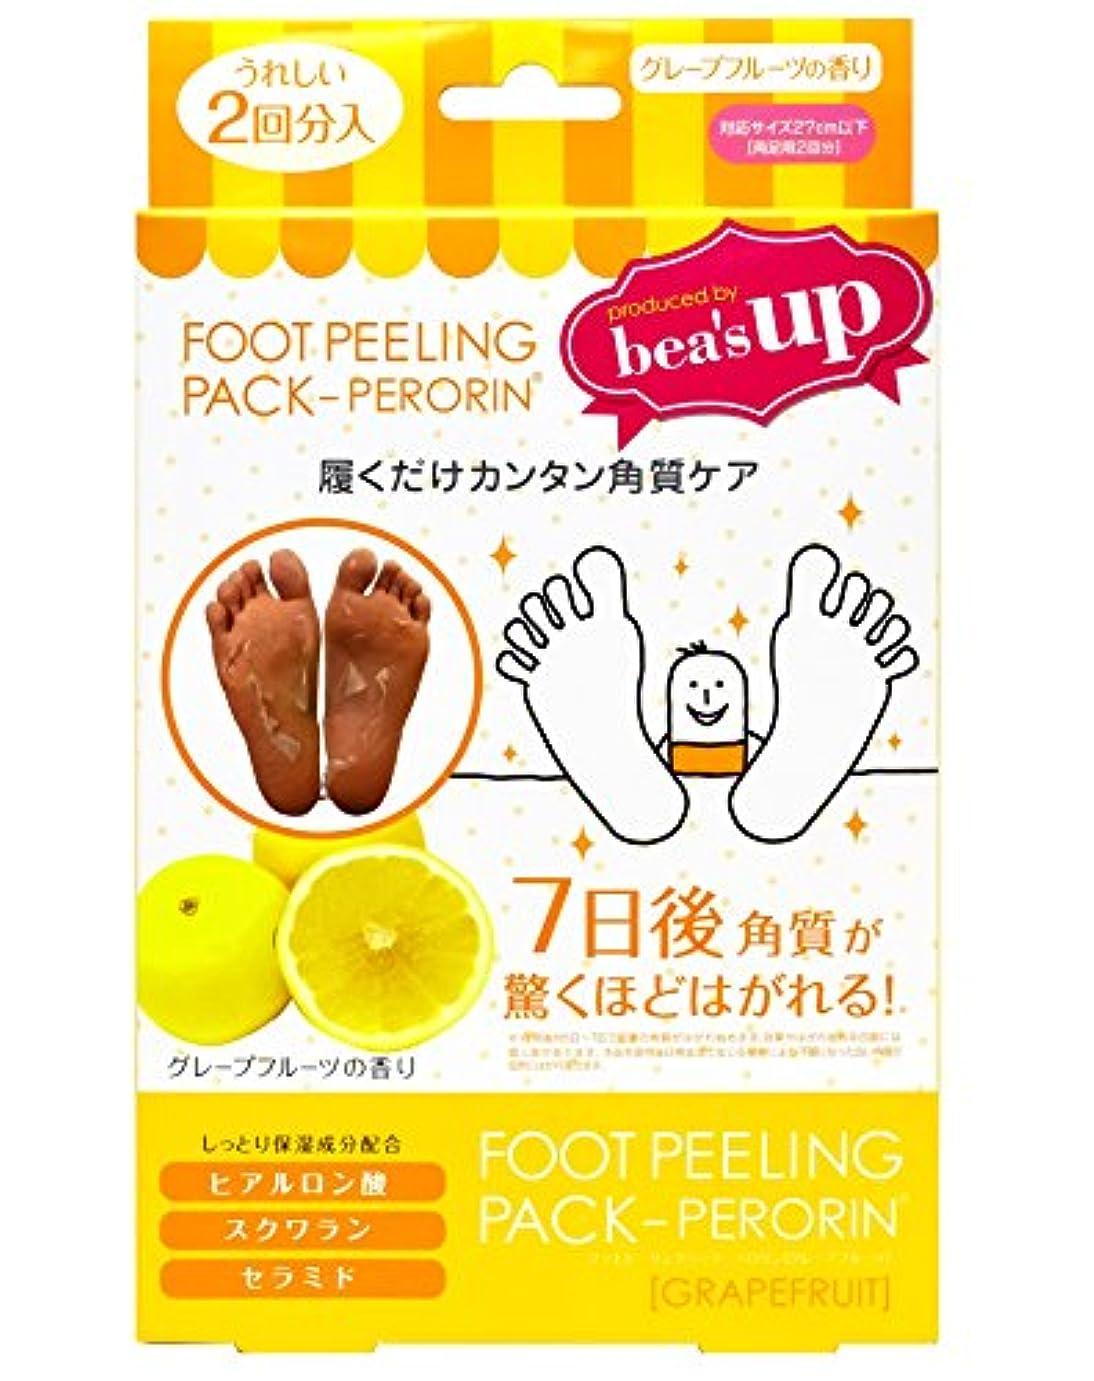 トレーニングブラシ縫うBea's upペロリン2回分(グレープフルーツ)